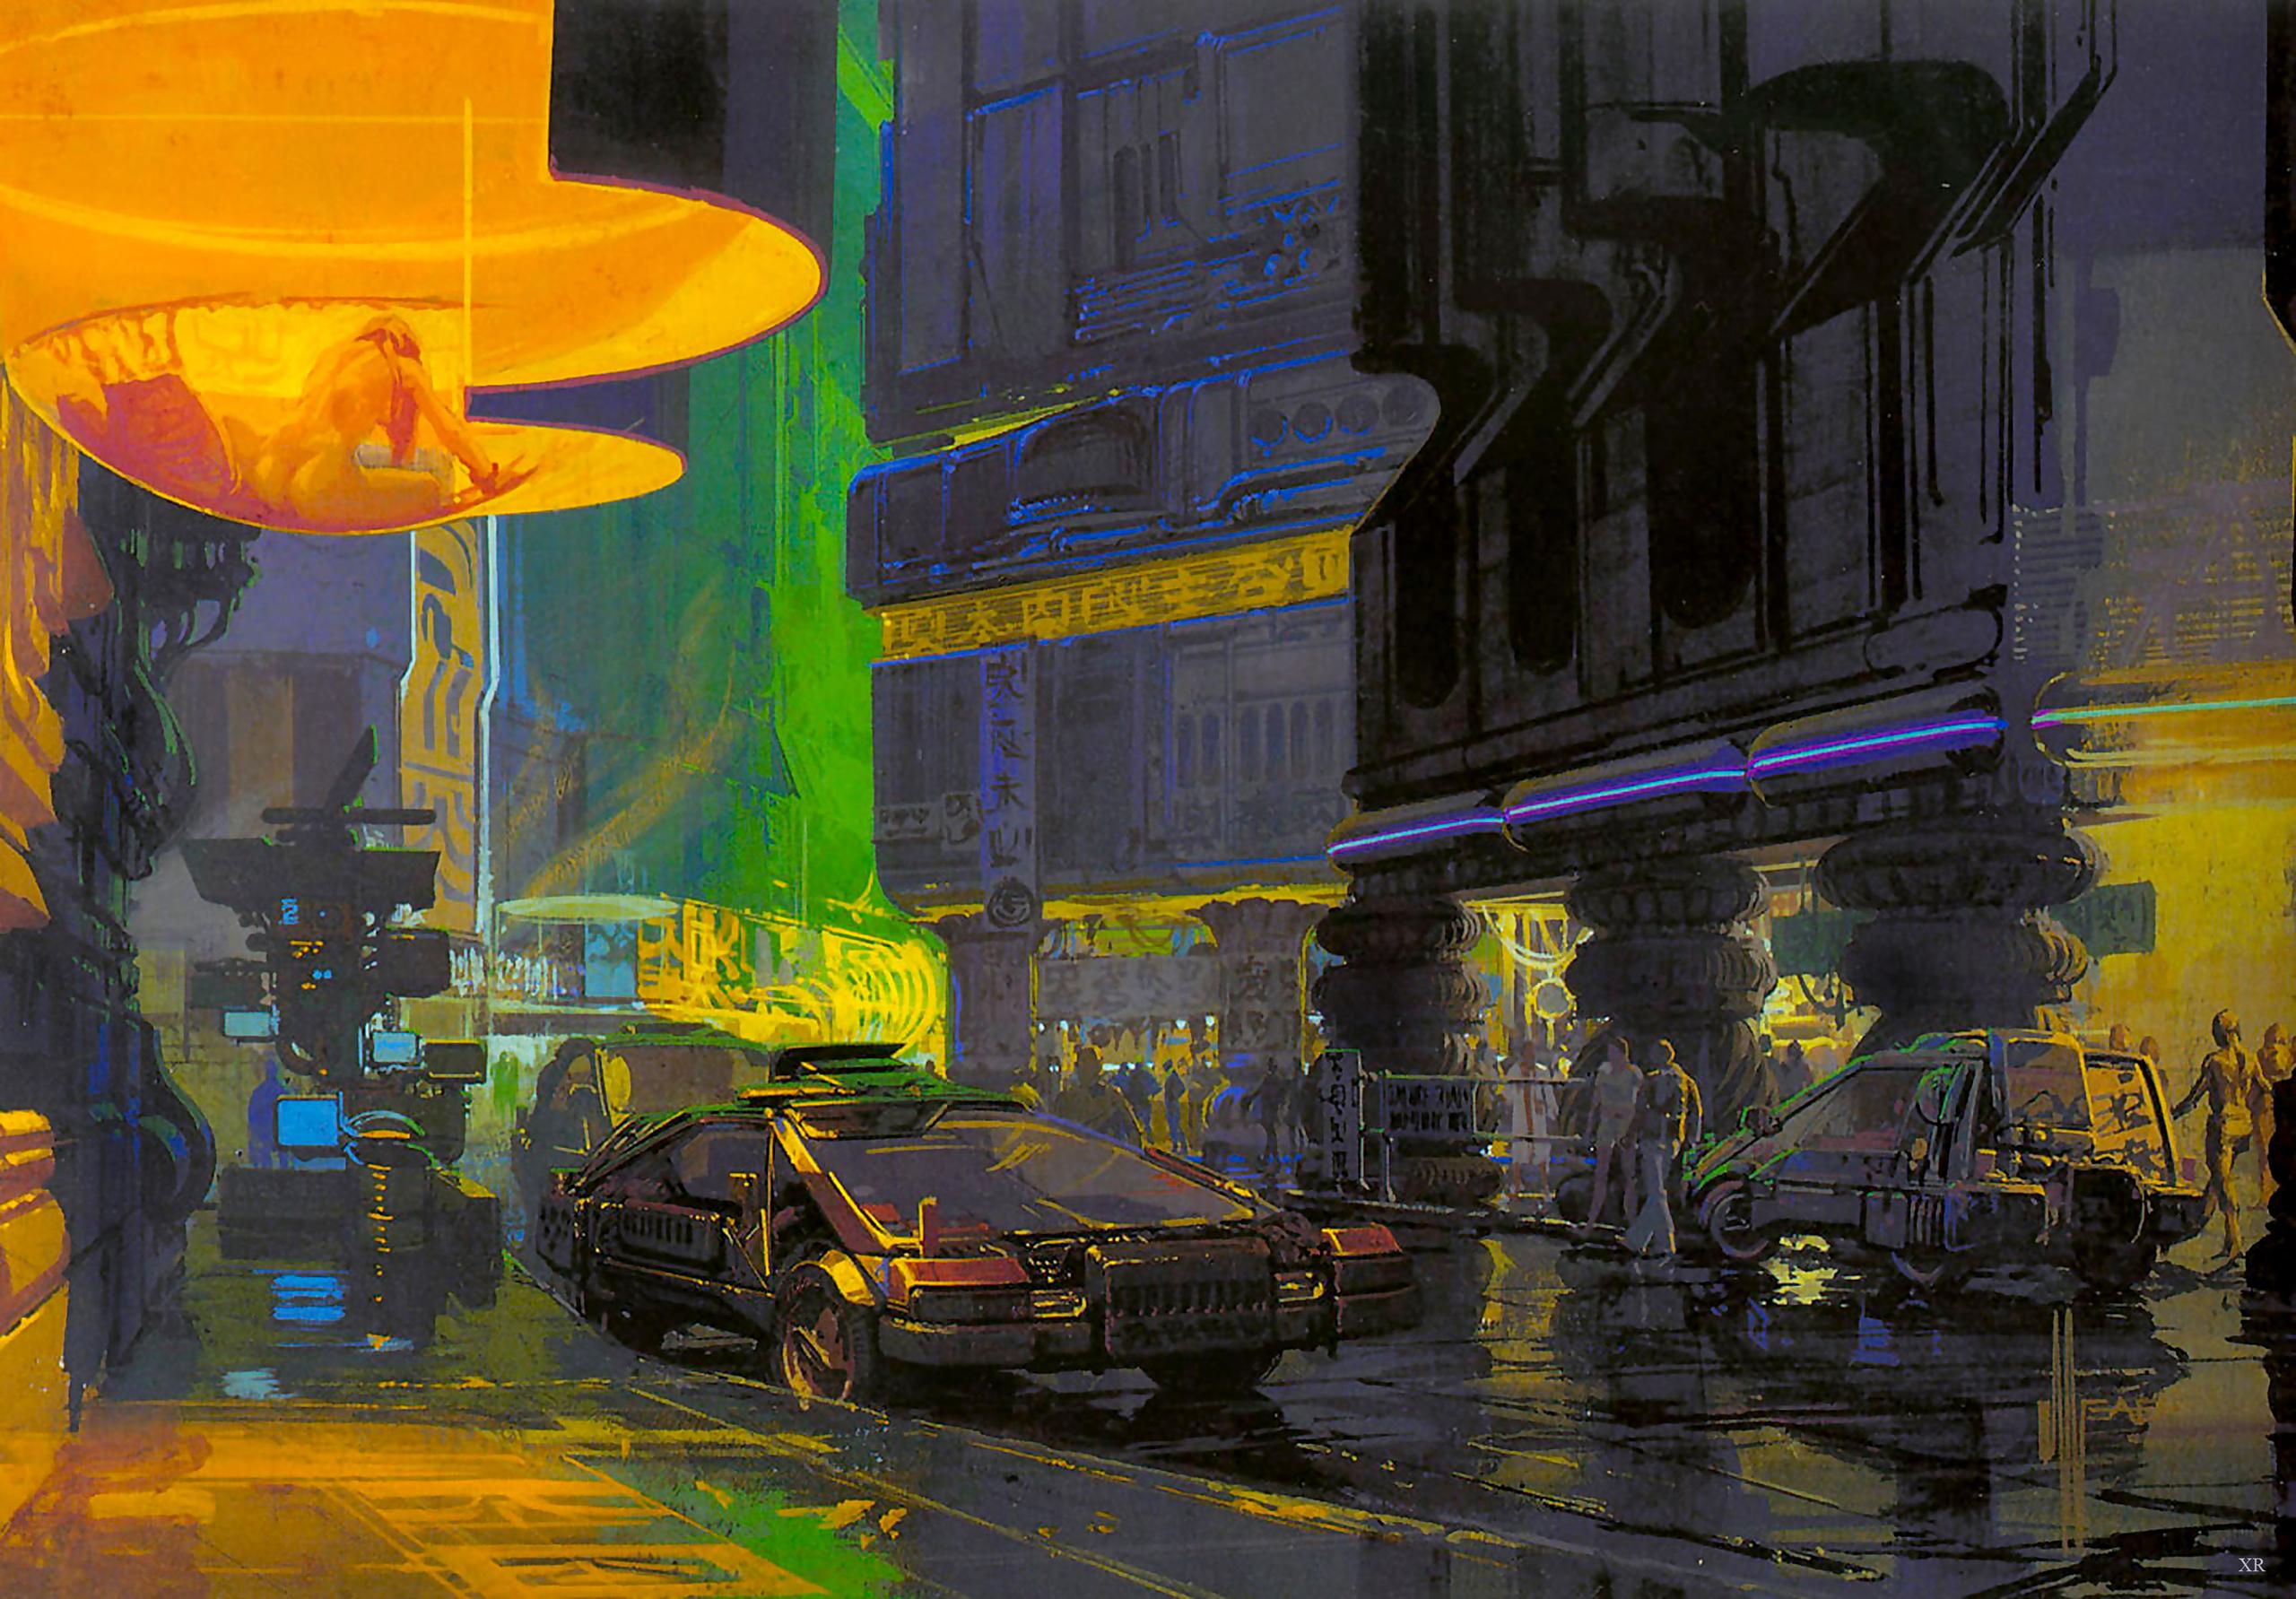 Syd-Mead-Blade-Runner